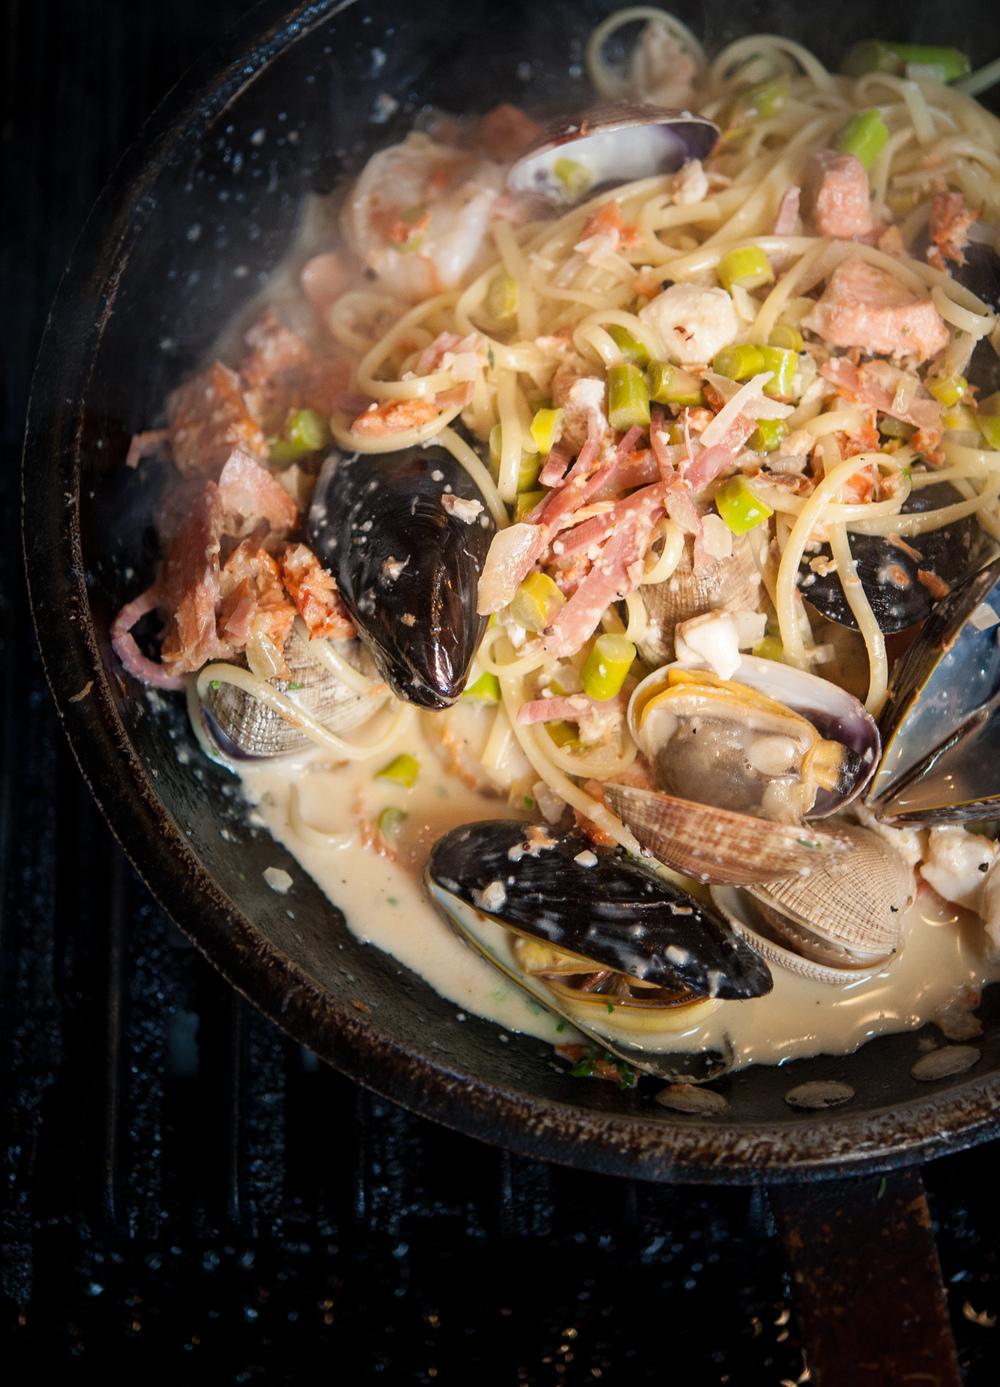 portfolio_food-7564.jpg